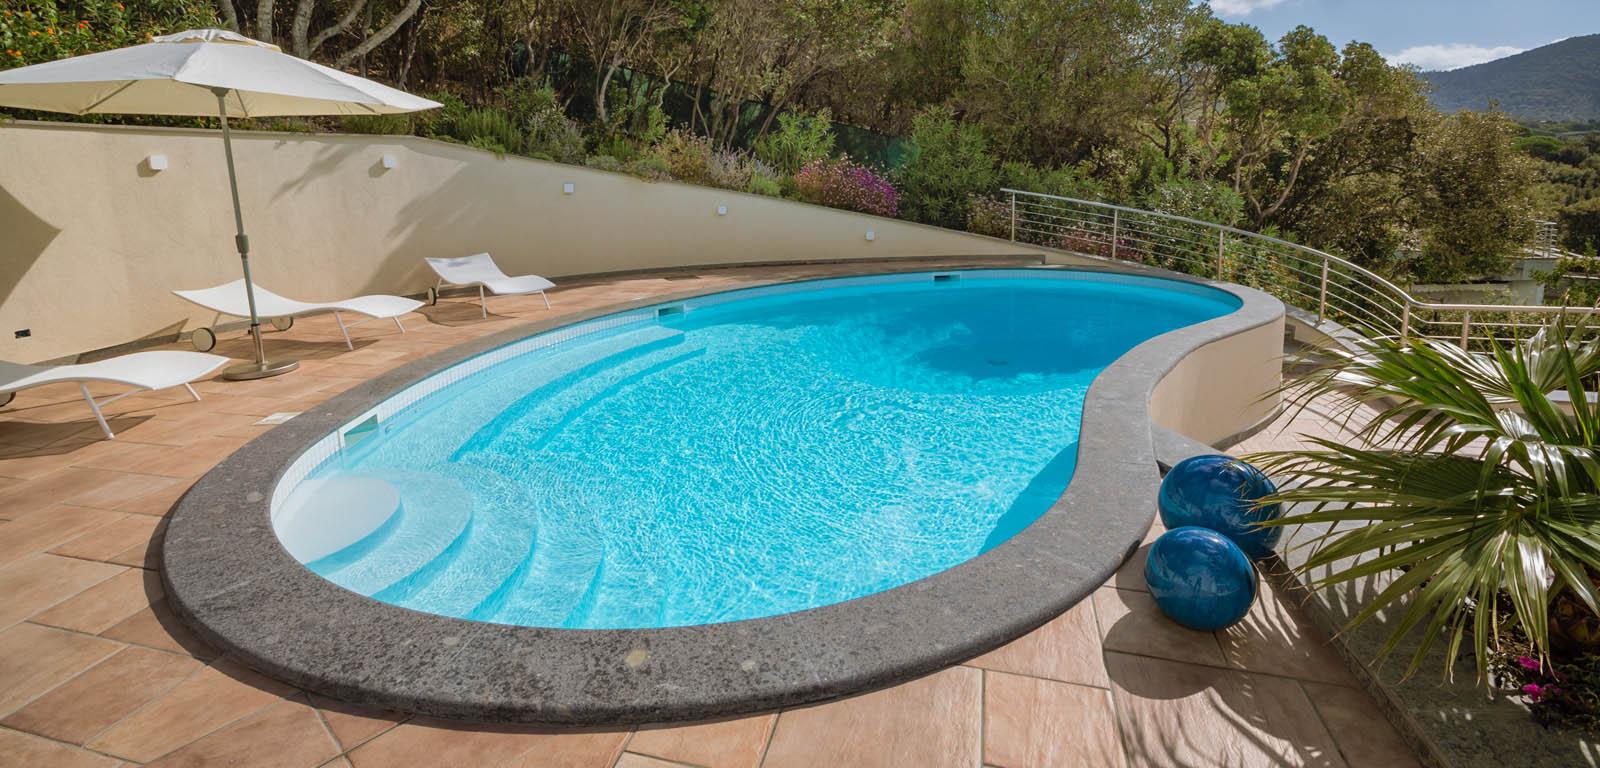 Piscine fuori terra esterne e rialzate piscine castiglione - Immagini di piscina ...